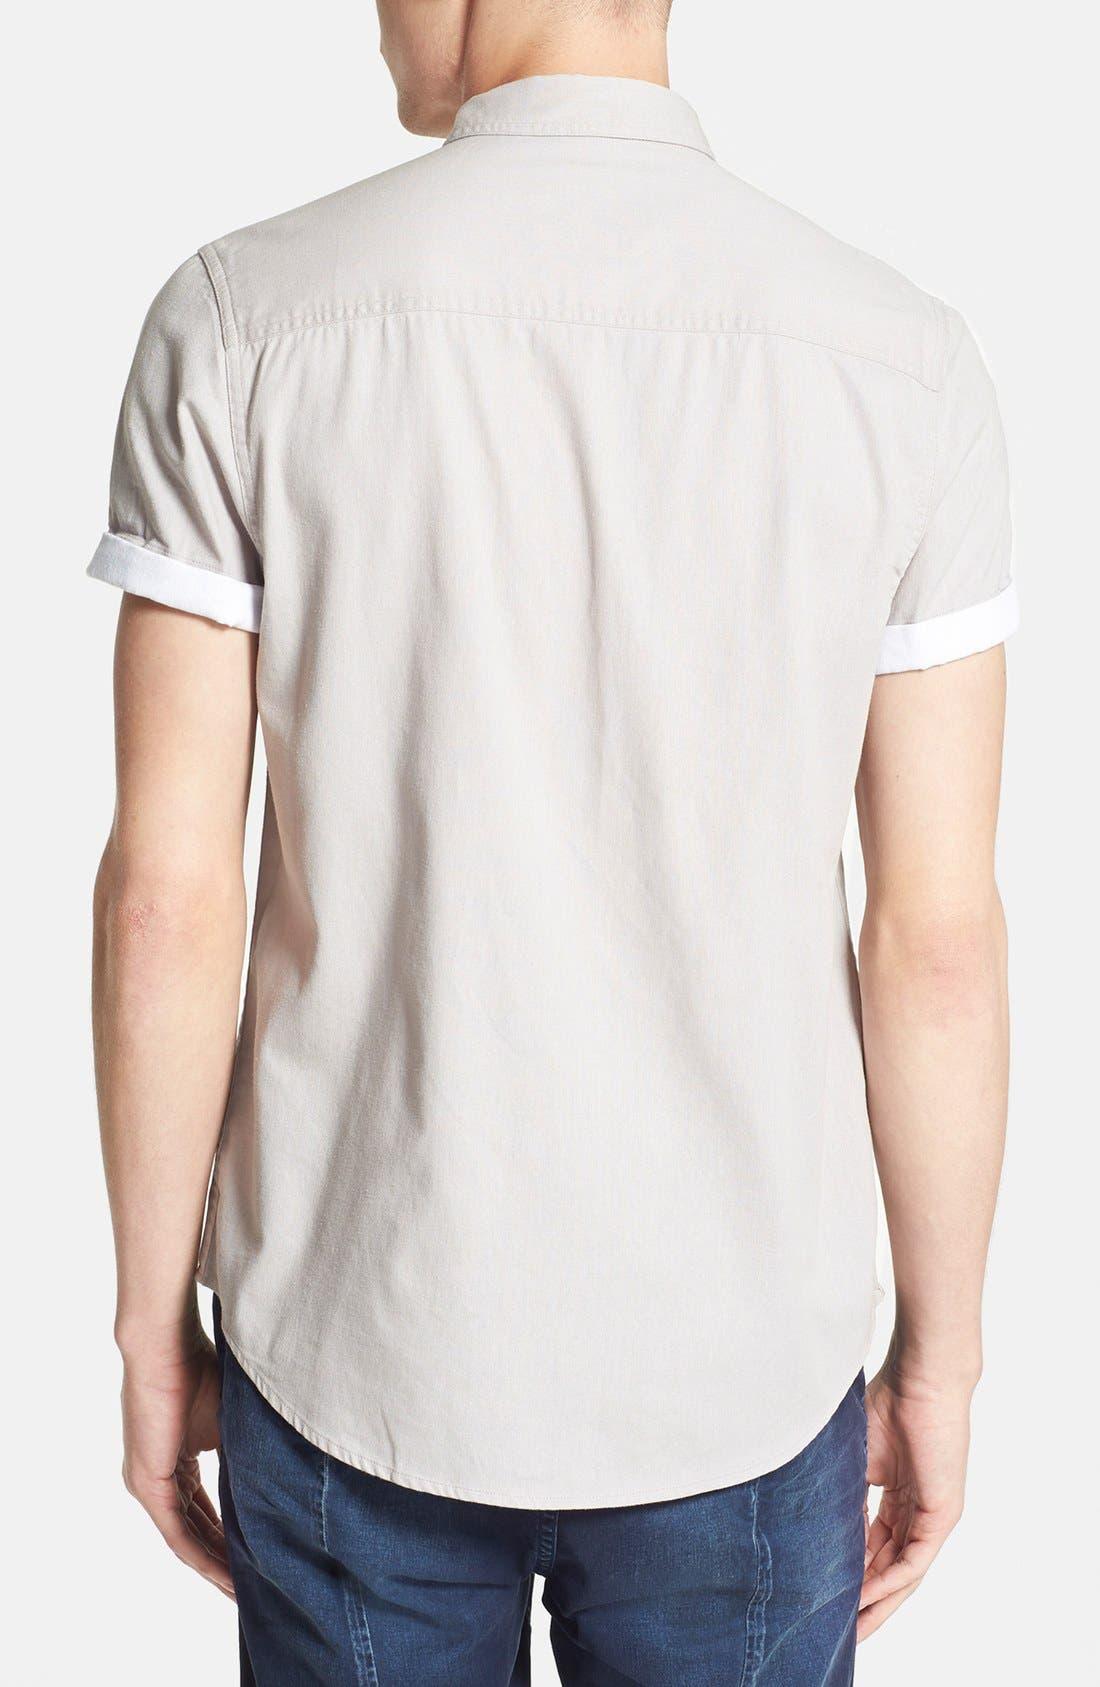 TOPMAN,                             Contrast Trim Short Sleeve Cotton Shirt,                             Alternate thumbnail 2, color,                             020